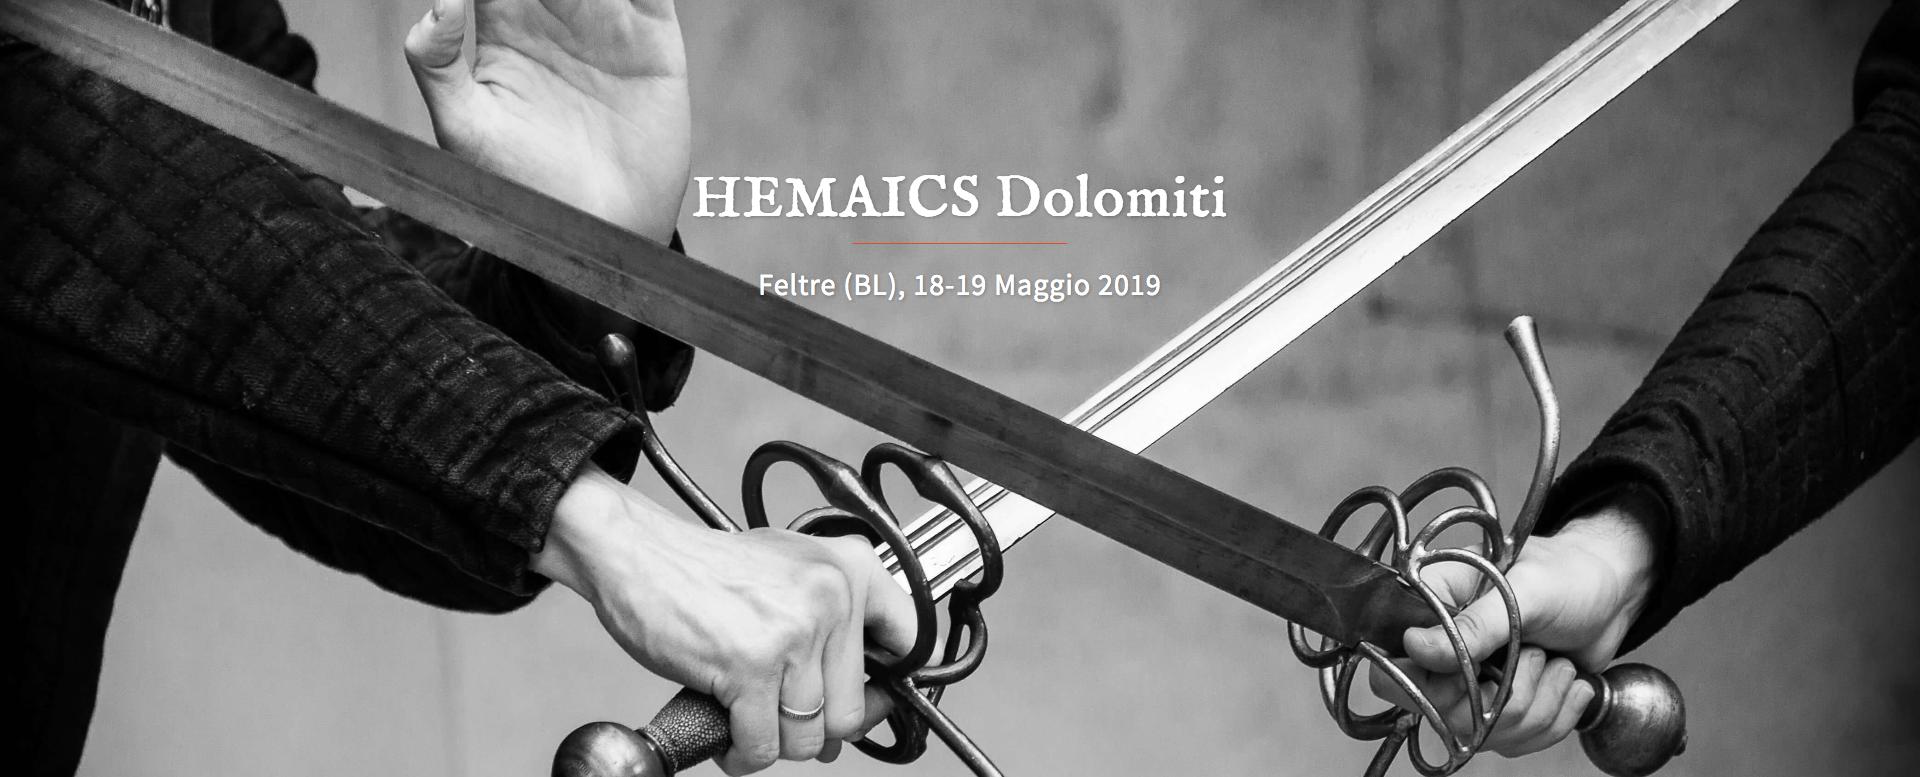 Dolomiti-Hemacis